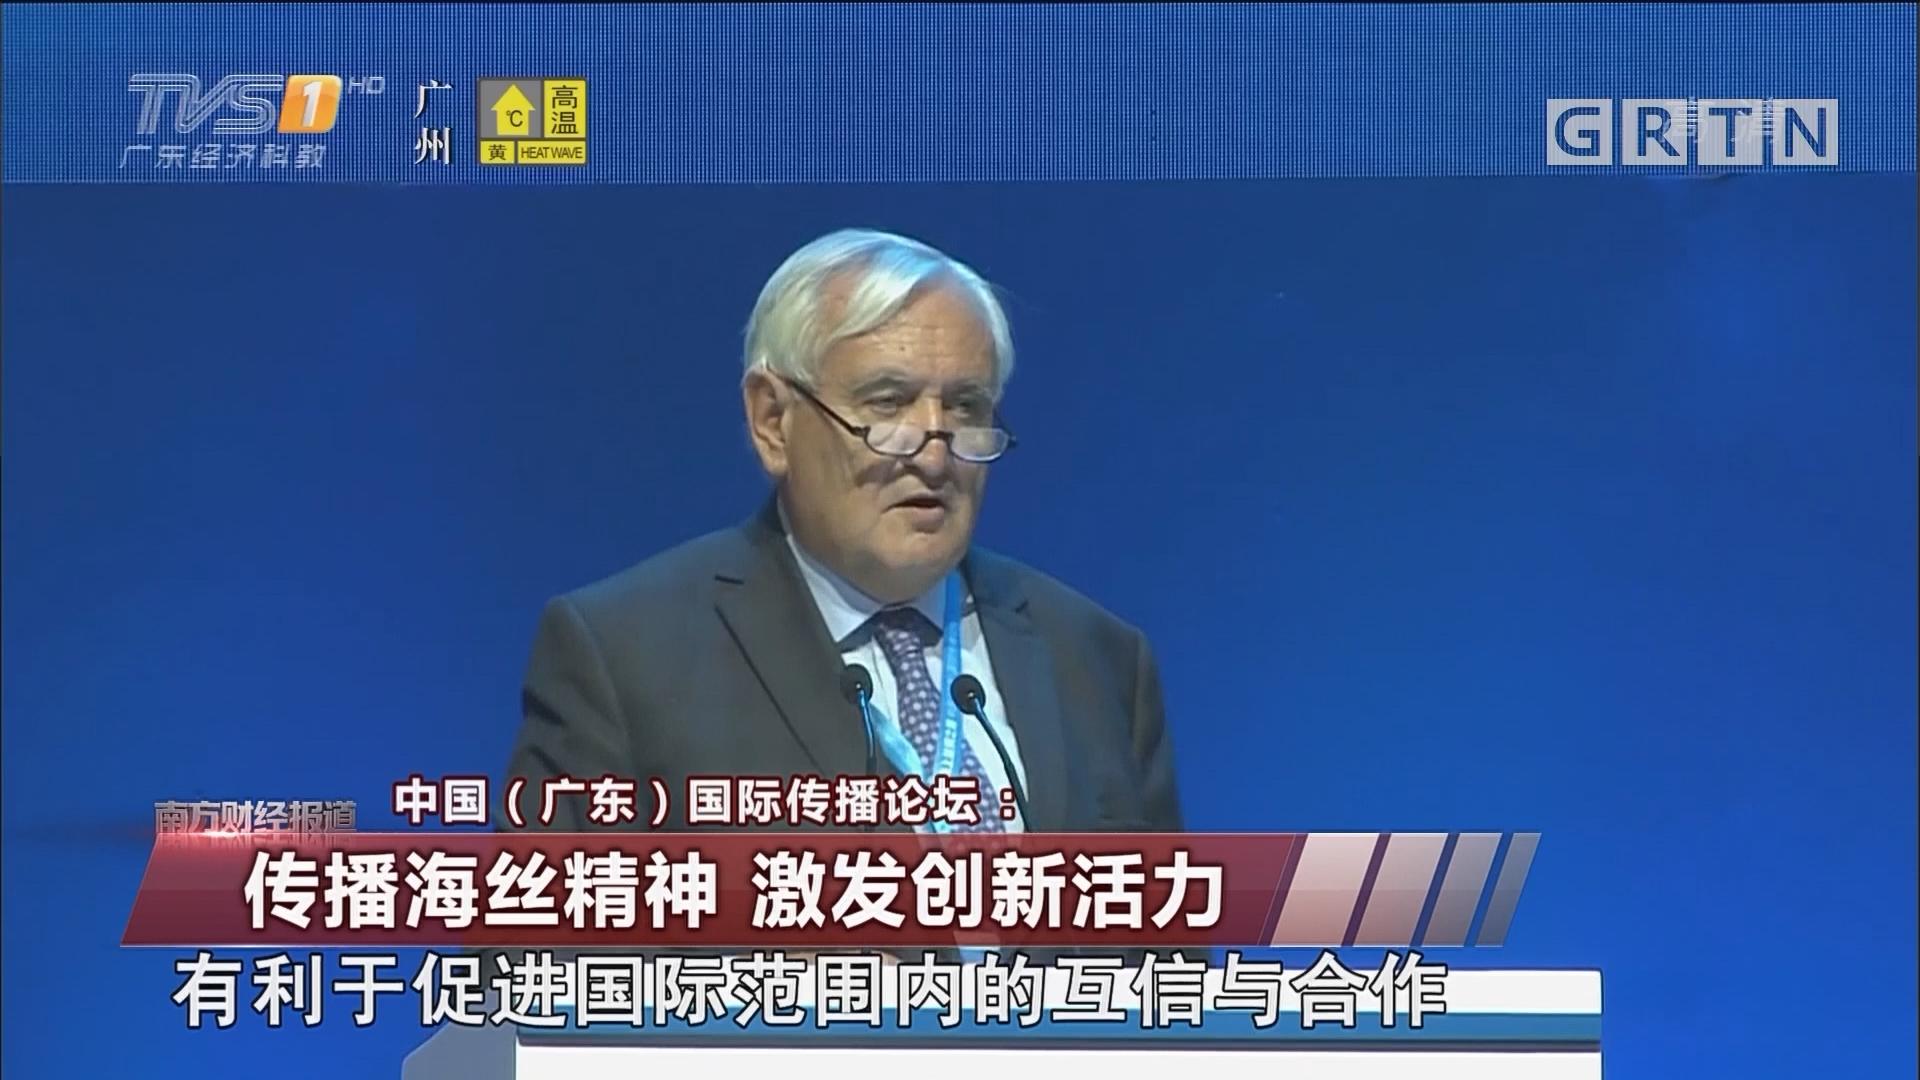 中国(广东)国际传播论坛:传播海丝精神 激发创新活力